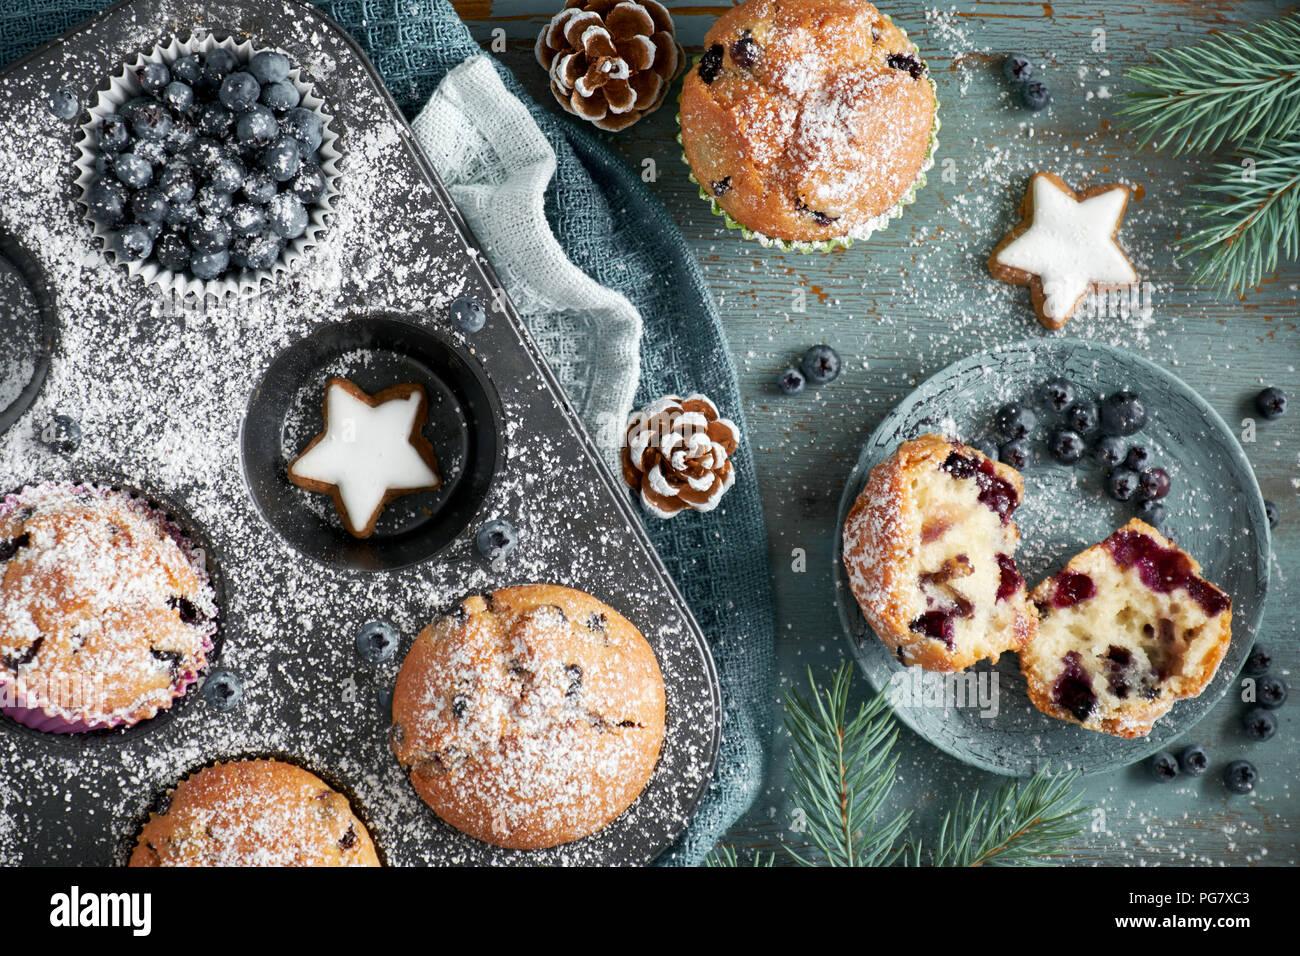 Blueberry Muffins mit Zuckerguss in einem Backblech mit Weihnachtsschmuck rund, flach, Ansicht von oben Stockbild